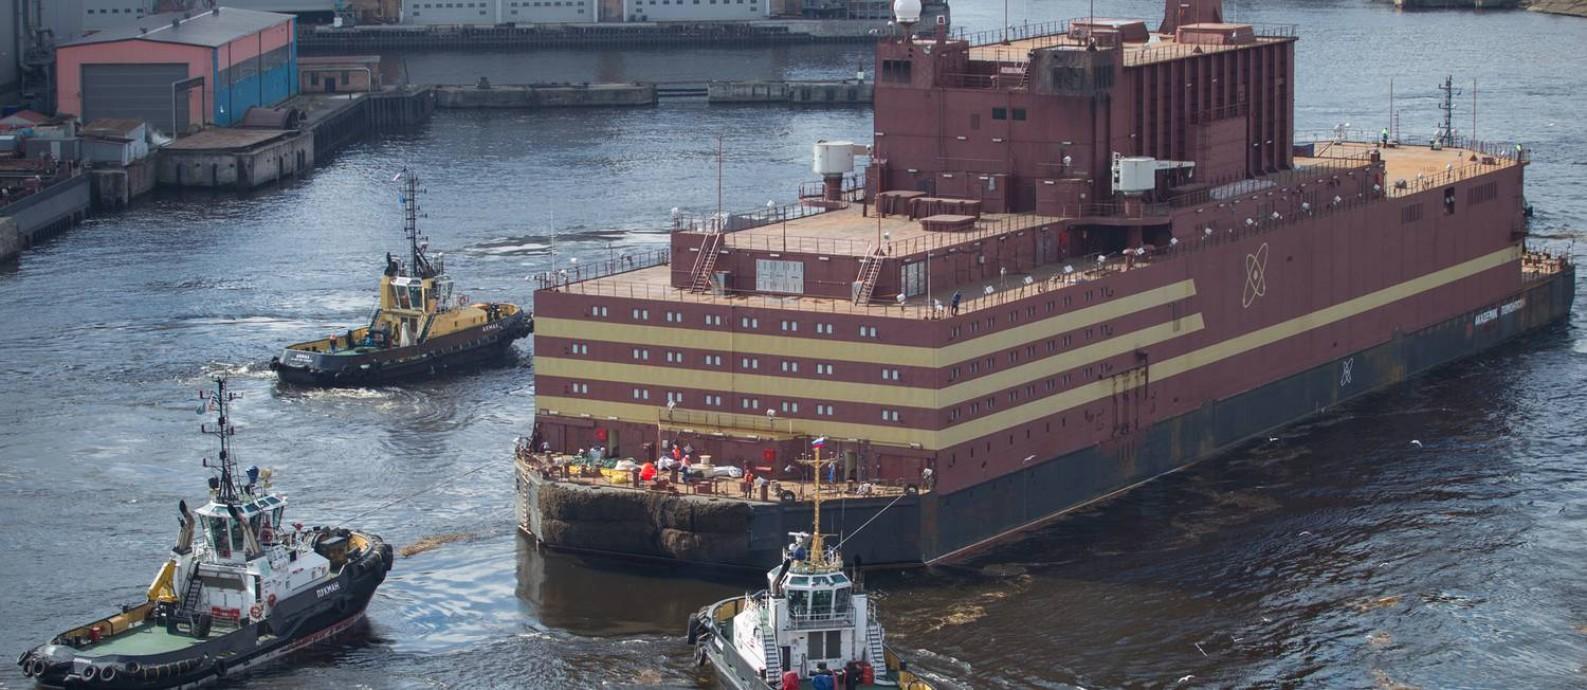 Com dois reatores capazes de produzir 35 megawatts de energia cada um, o suficiente para abastecer uma cidade de 100 mil habitantes, a Akademik Lomonosov é a primeira geradora de energia atômica móvel Foto: Nikita_Greydin